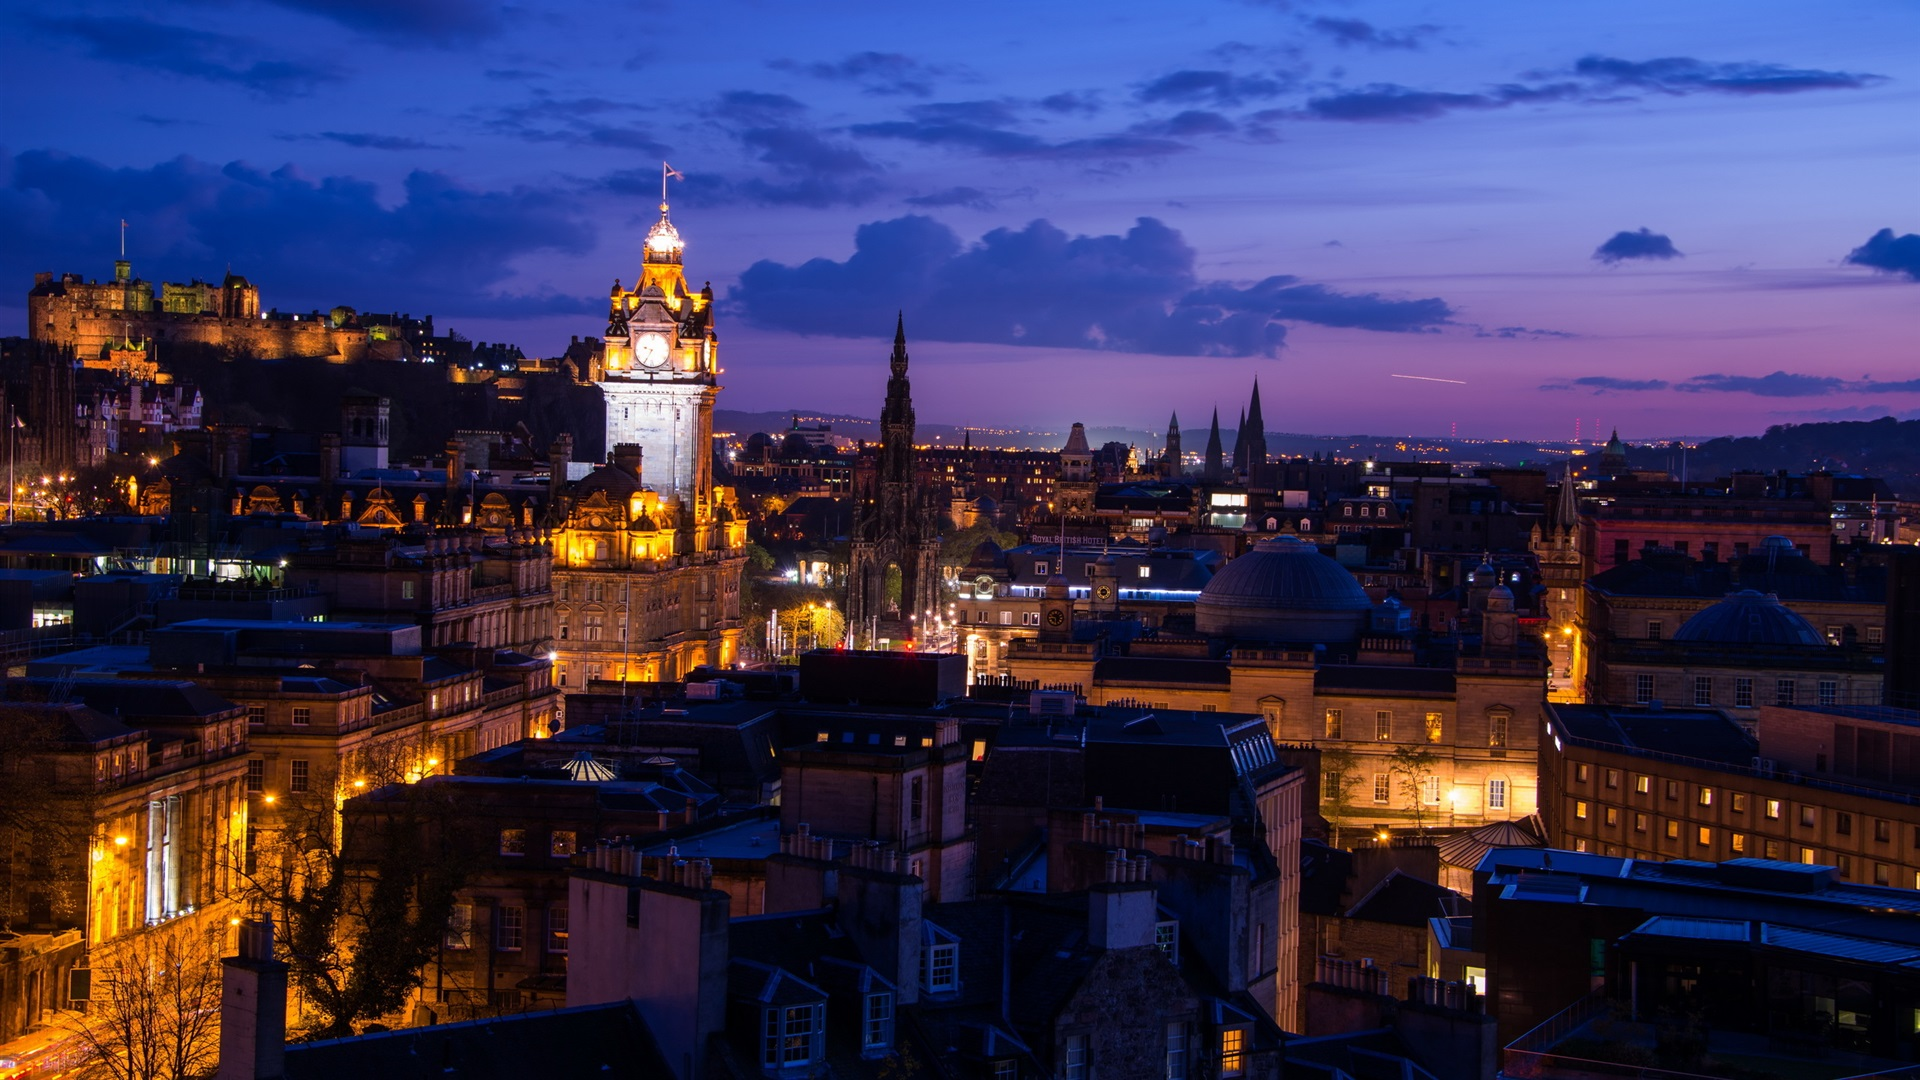 Обои Облака, эдинбург, Шотландия, свет, дома. Города foto 18